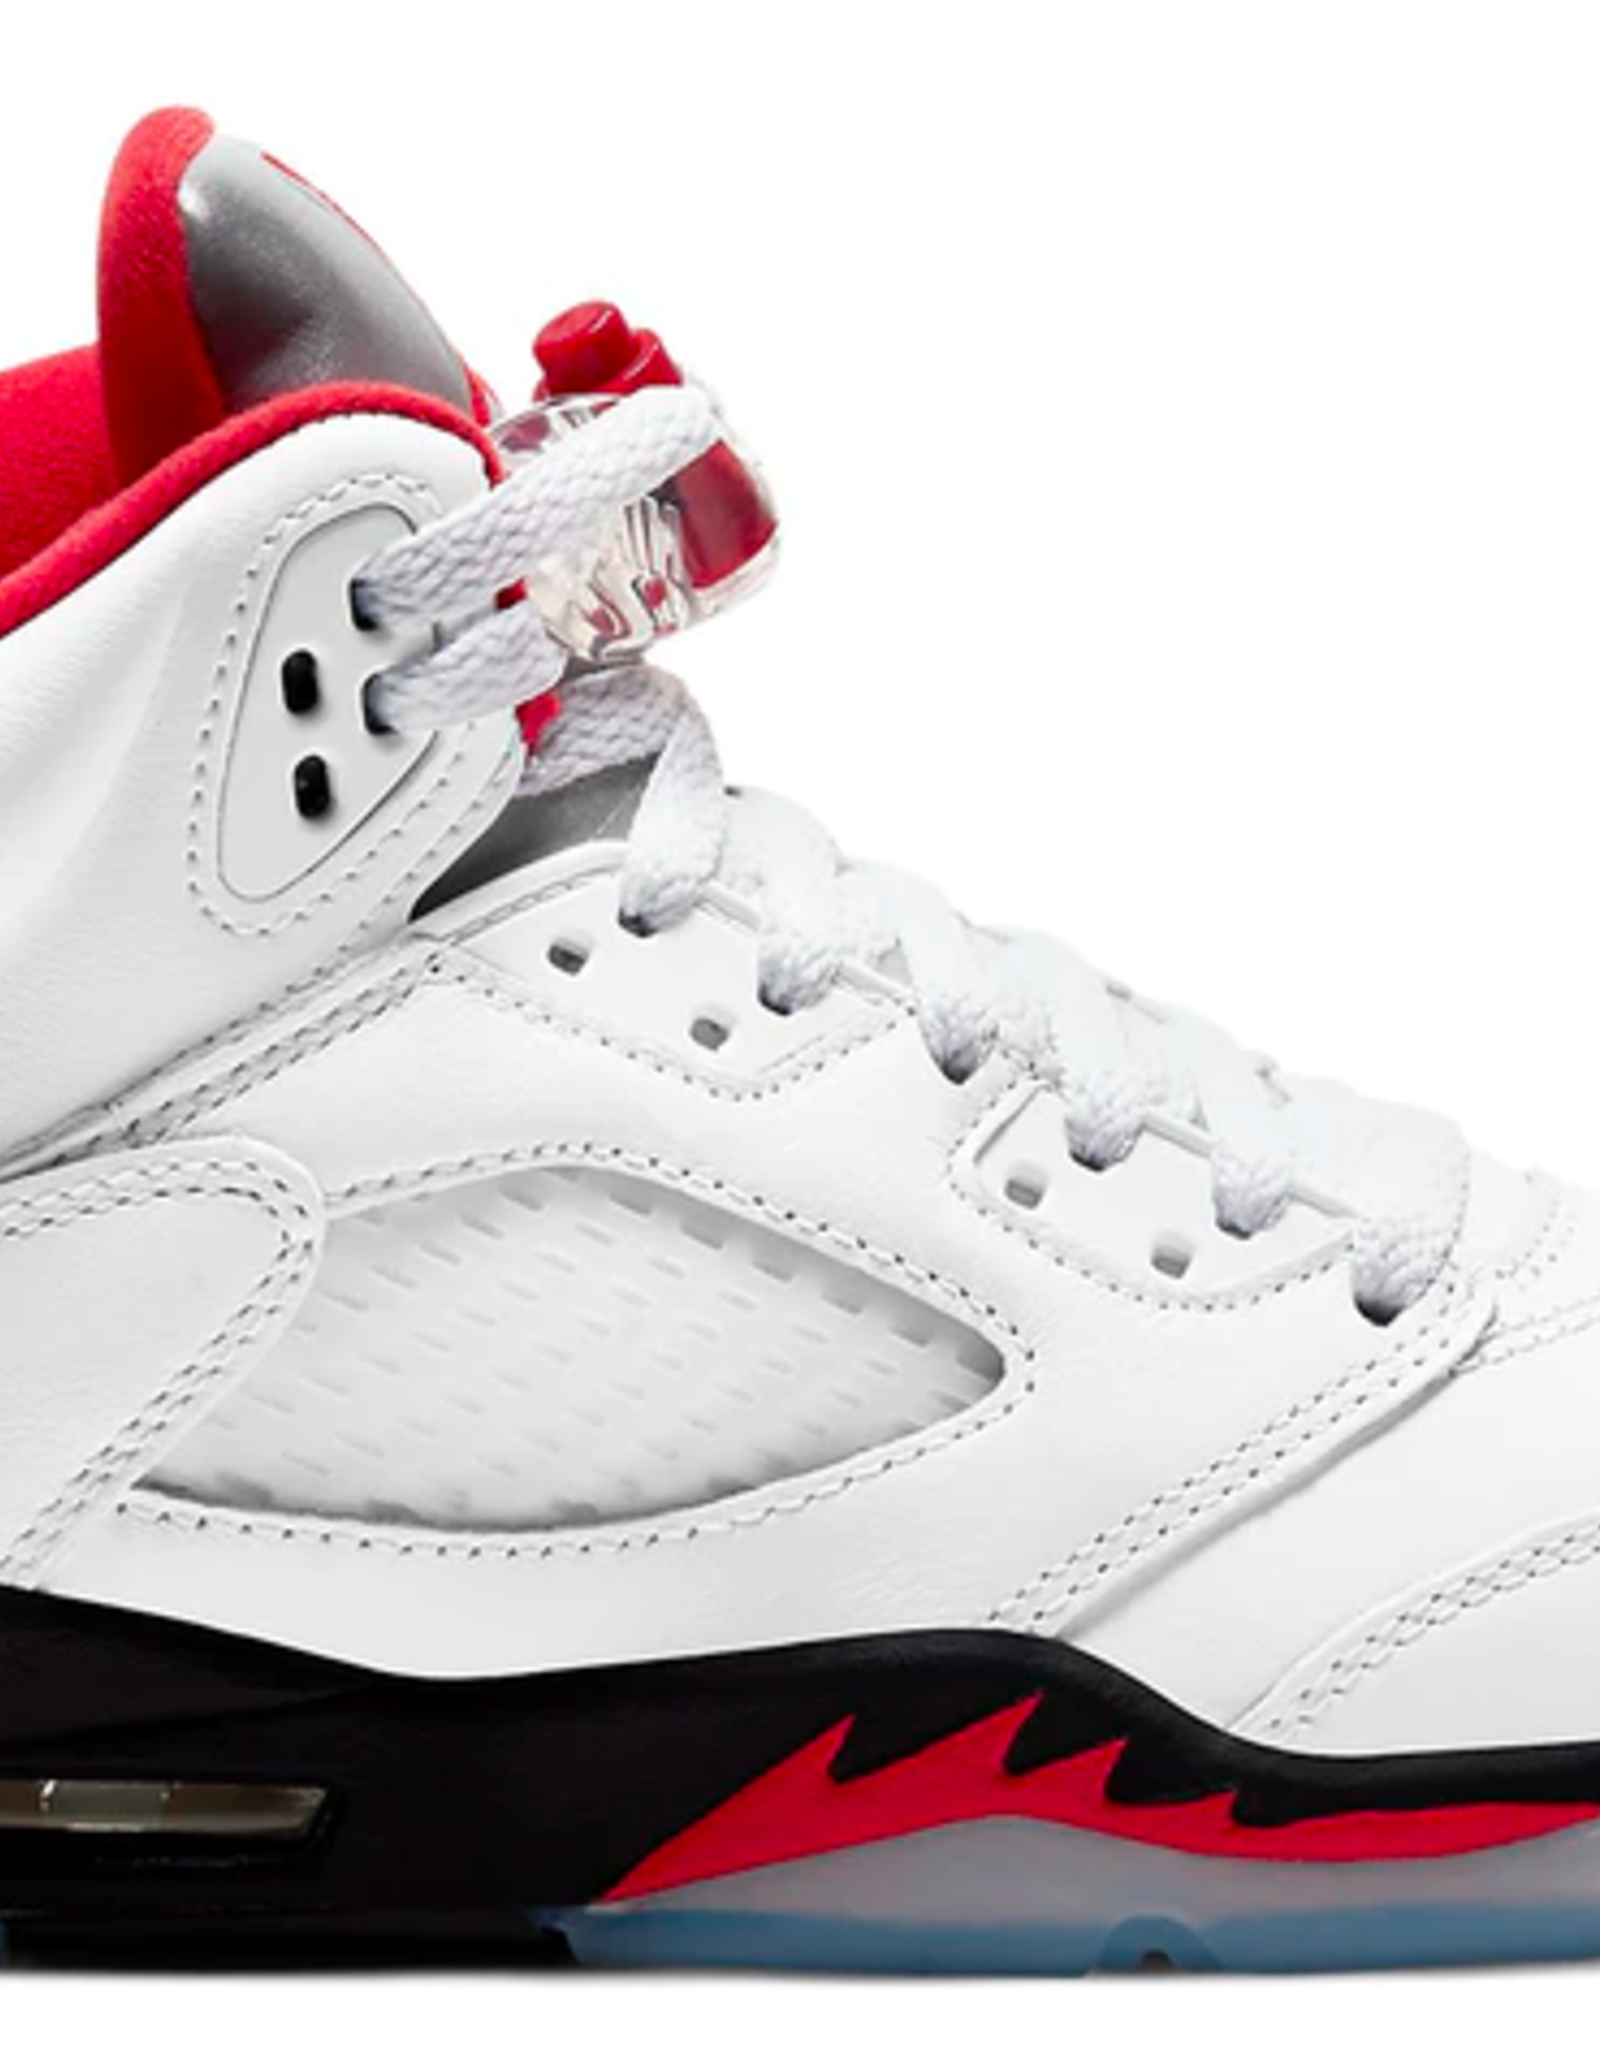 JORDAN Jordan 5 Retro Fire Red Silver Tongue 2020 (GS)